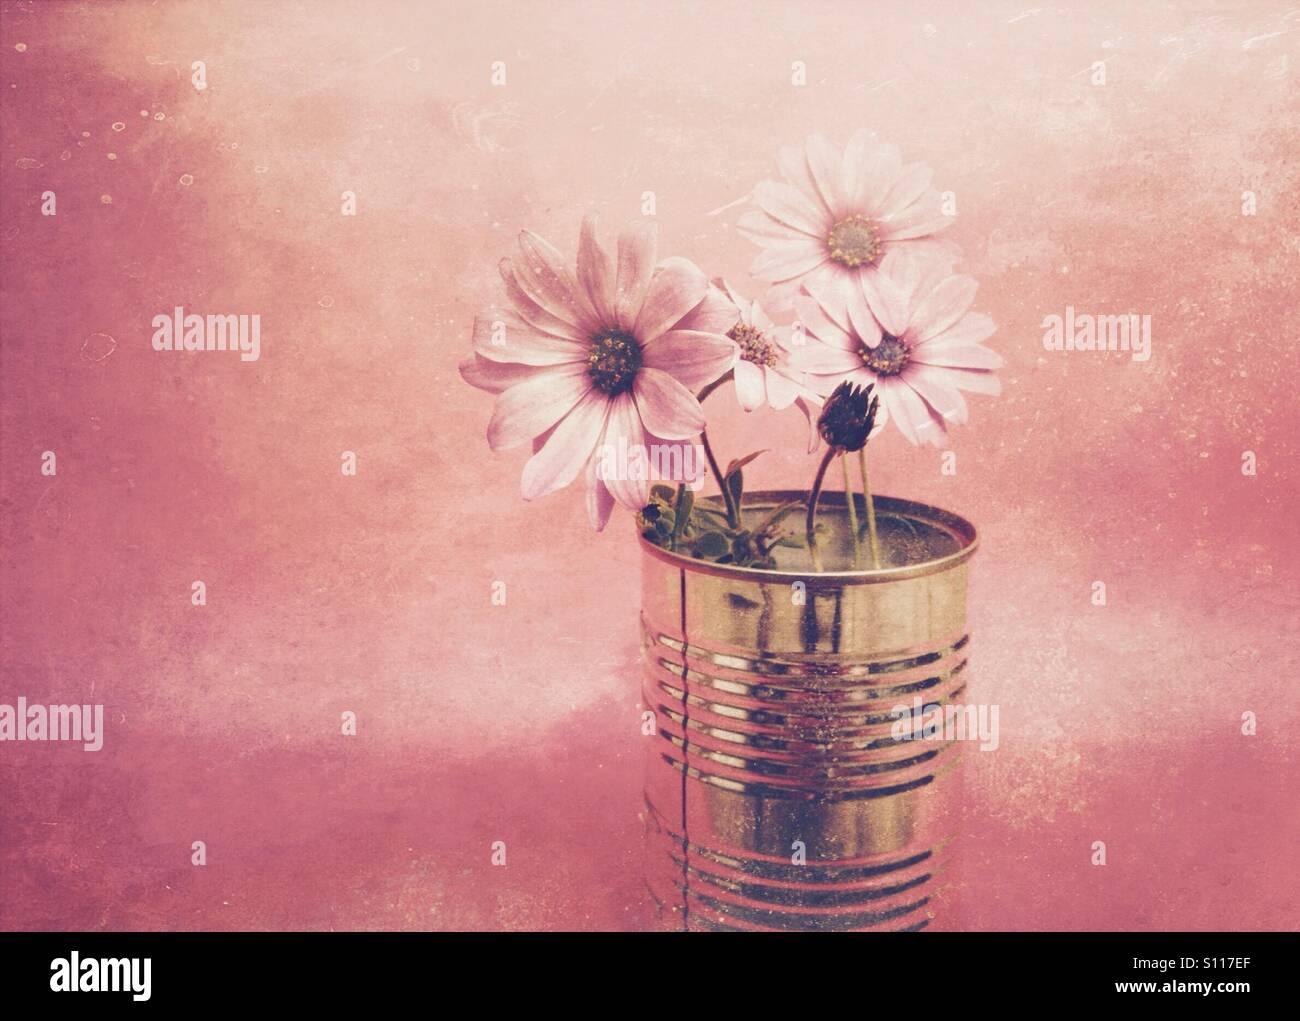 Fleurs Daisy avec un filtre de couleur appliqué Banque D'Images